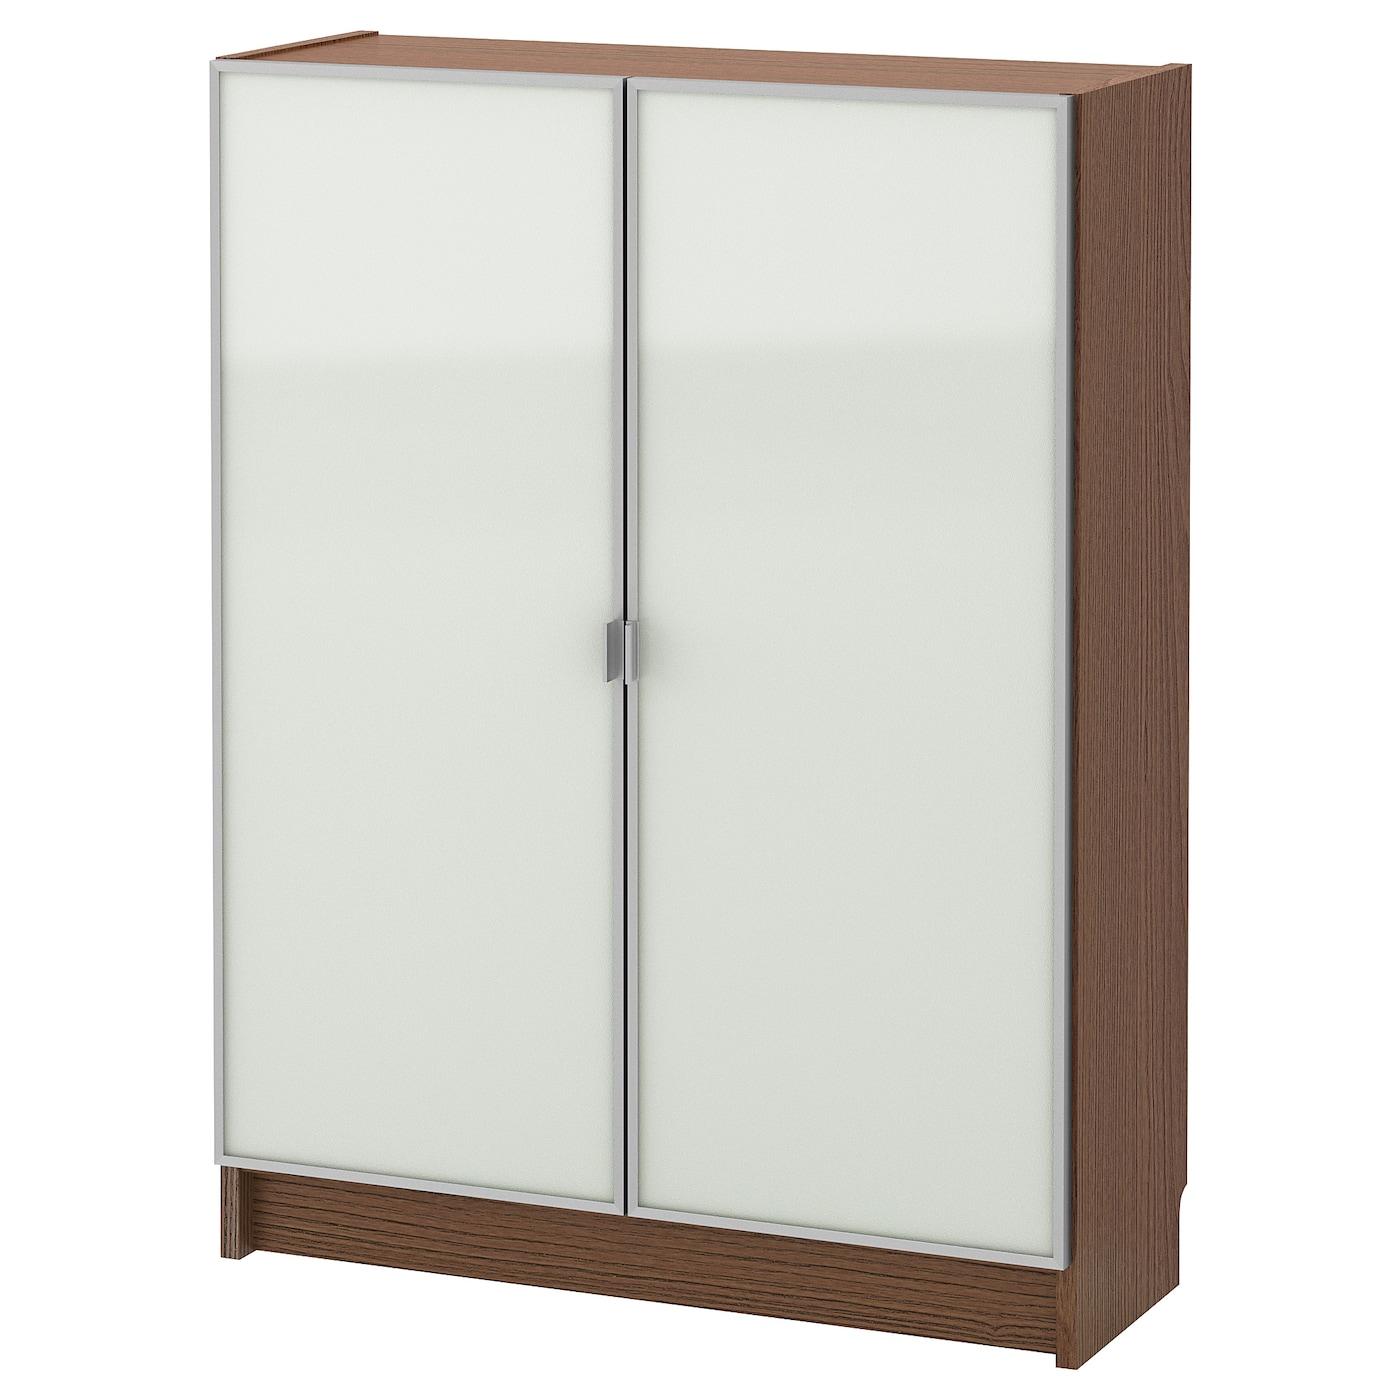 IKEA BILLY / MORLIDEN Witryna, brązowy okleina jesionowa, szkło, 80x30x106 cm